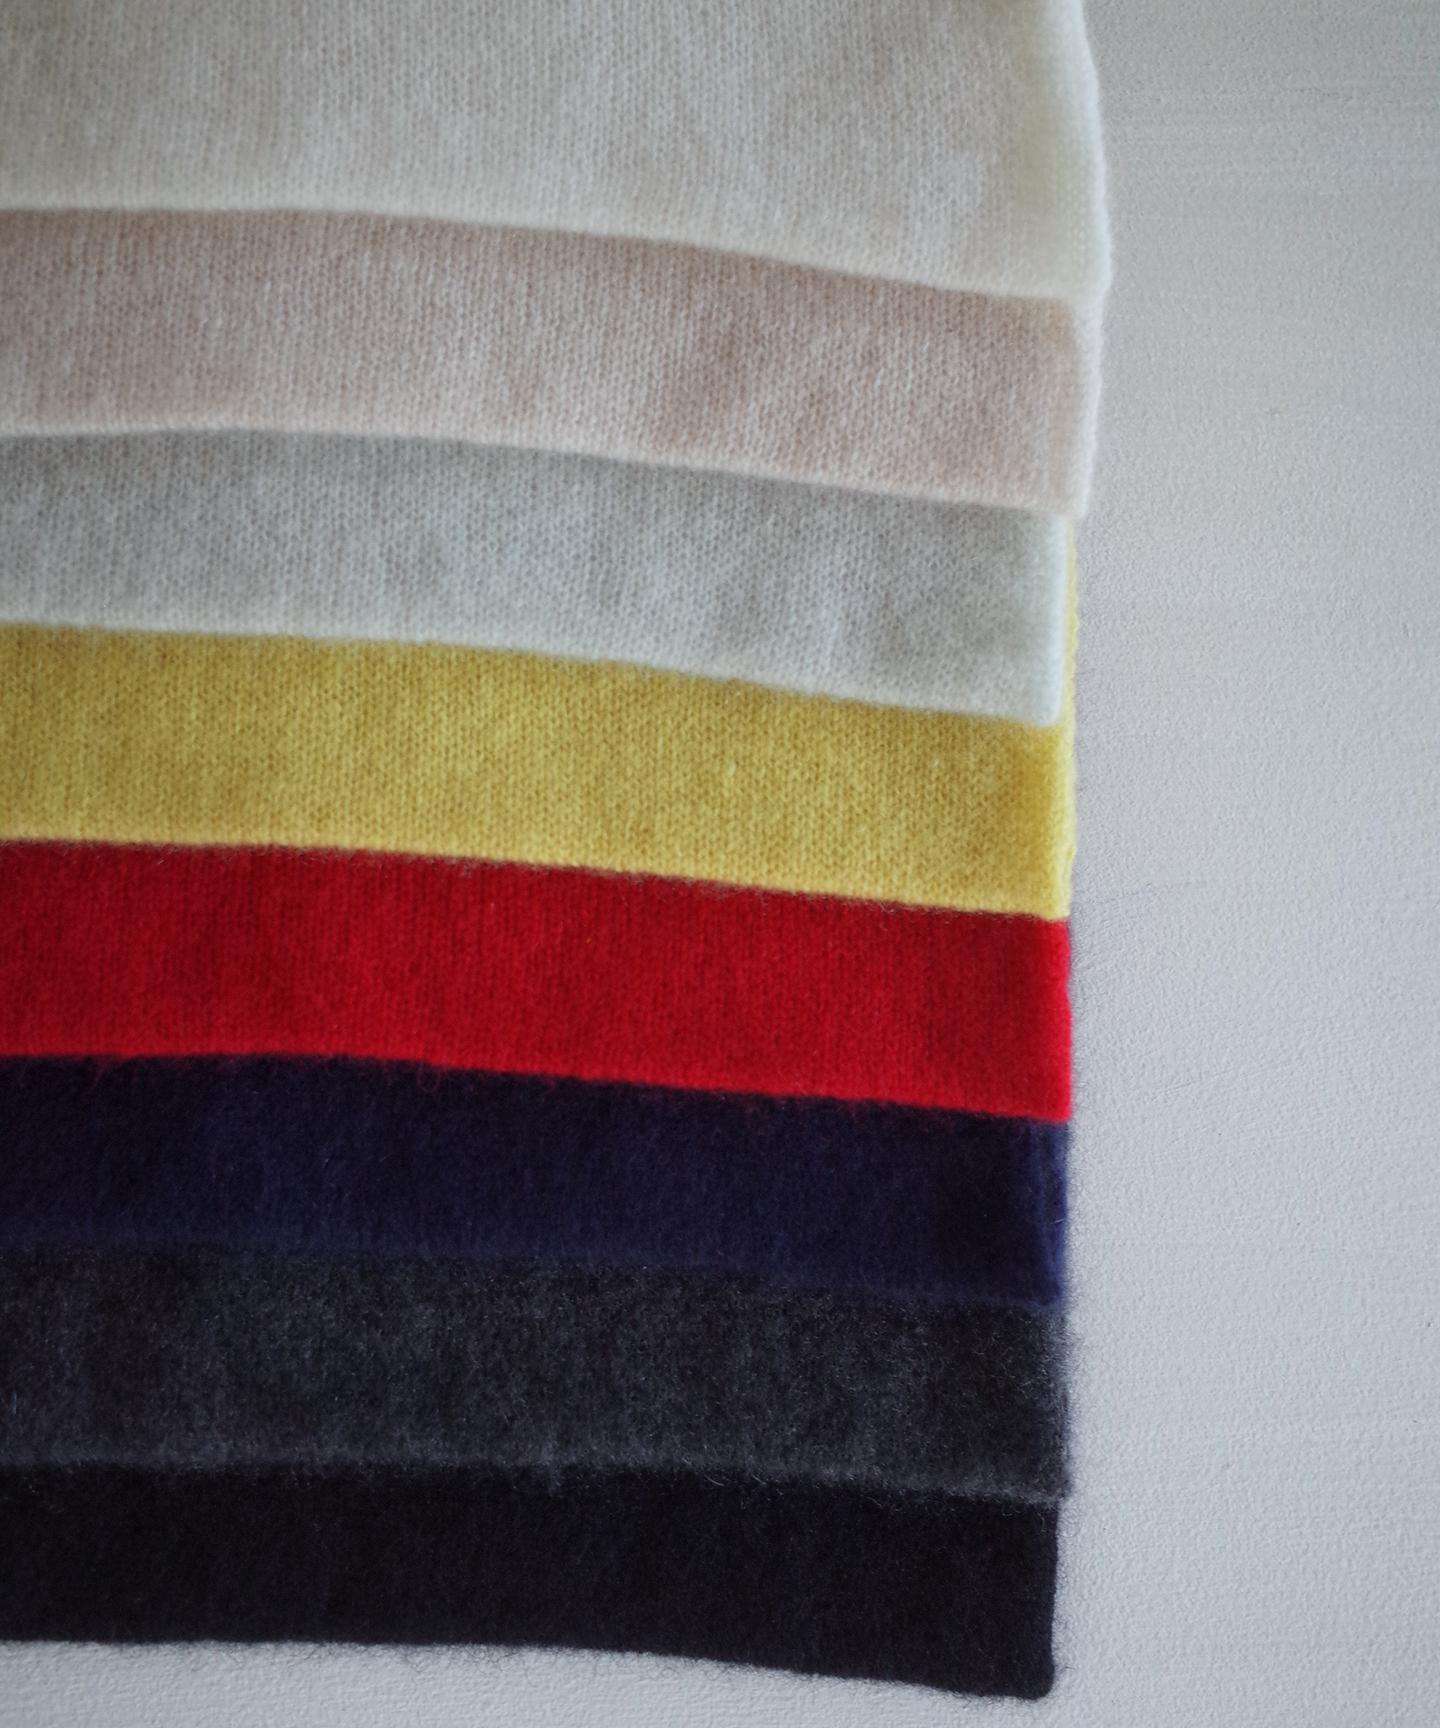 【予約販売】手編み機で編んだカシミヤ糸(NO.18)のベスト (CAA-920)